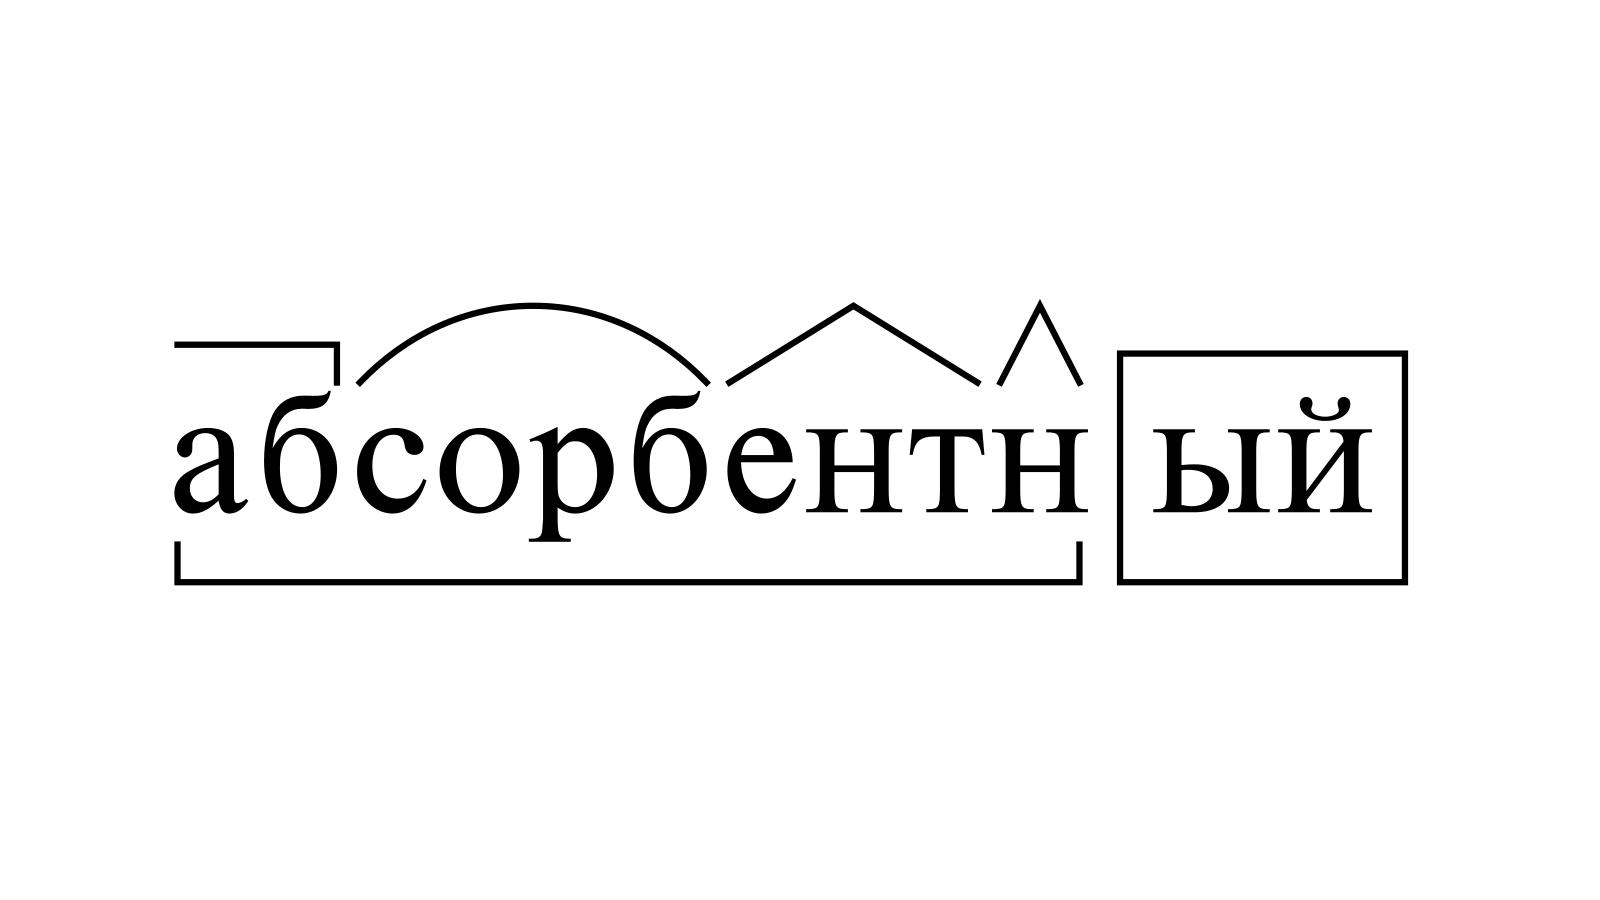 Разбор слова «абсорбентный» по составу